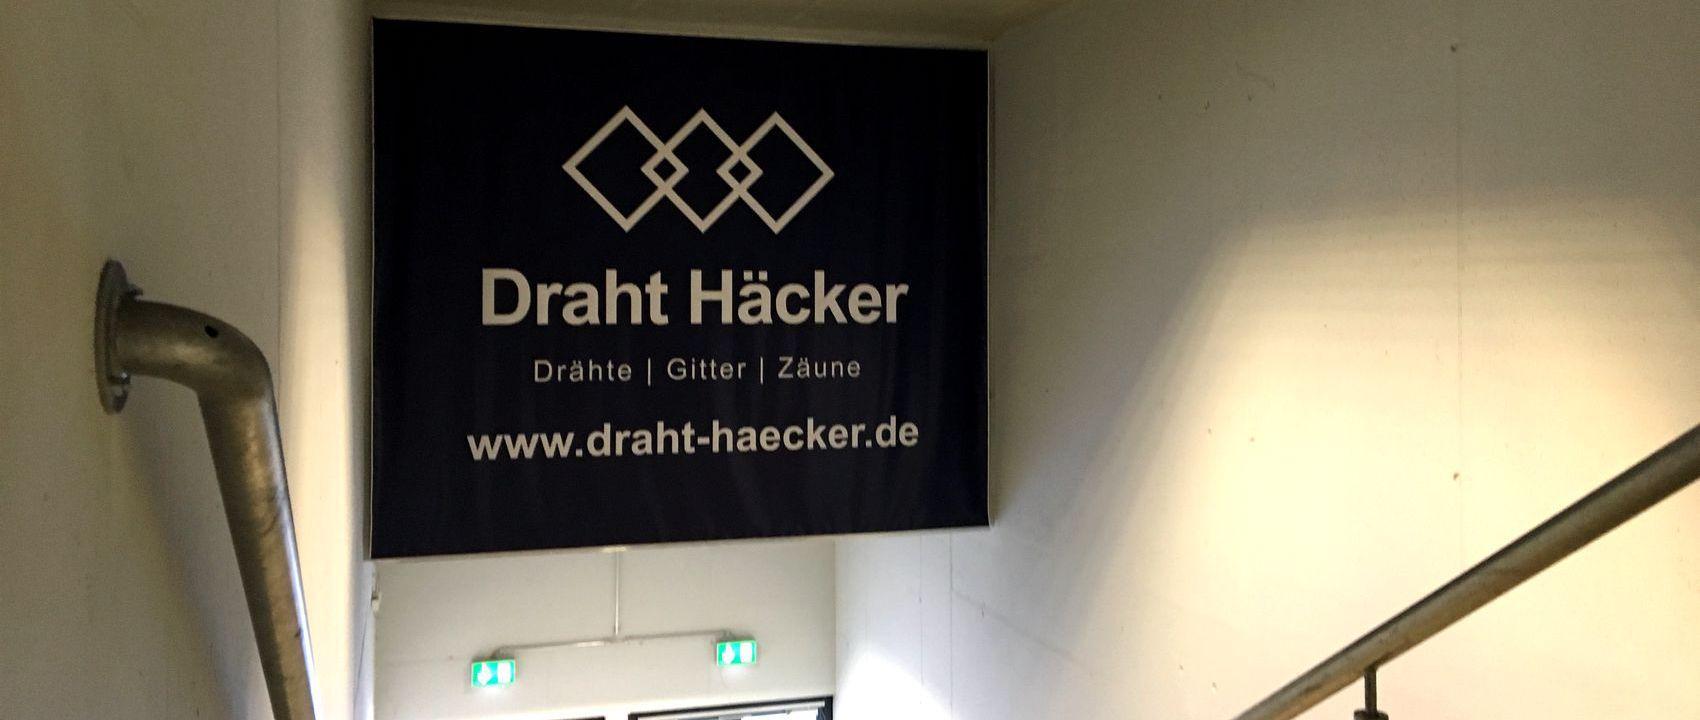 Draht Häcker bleibt Sponsor